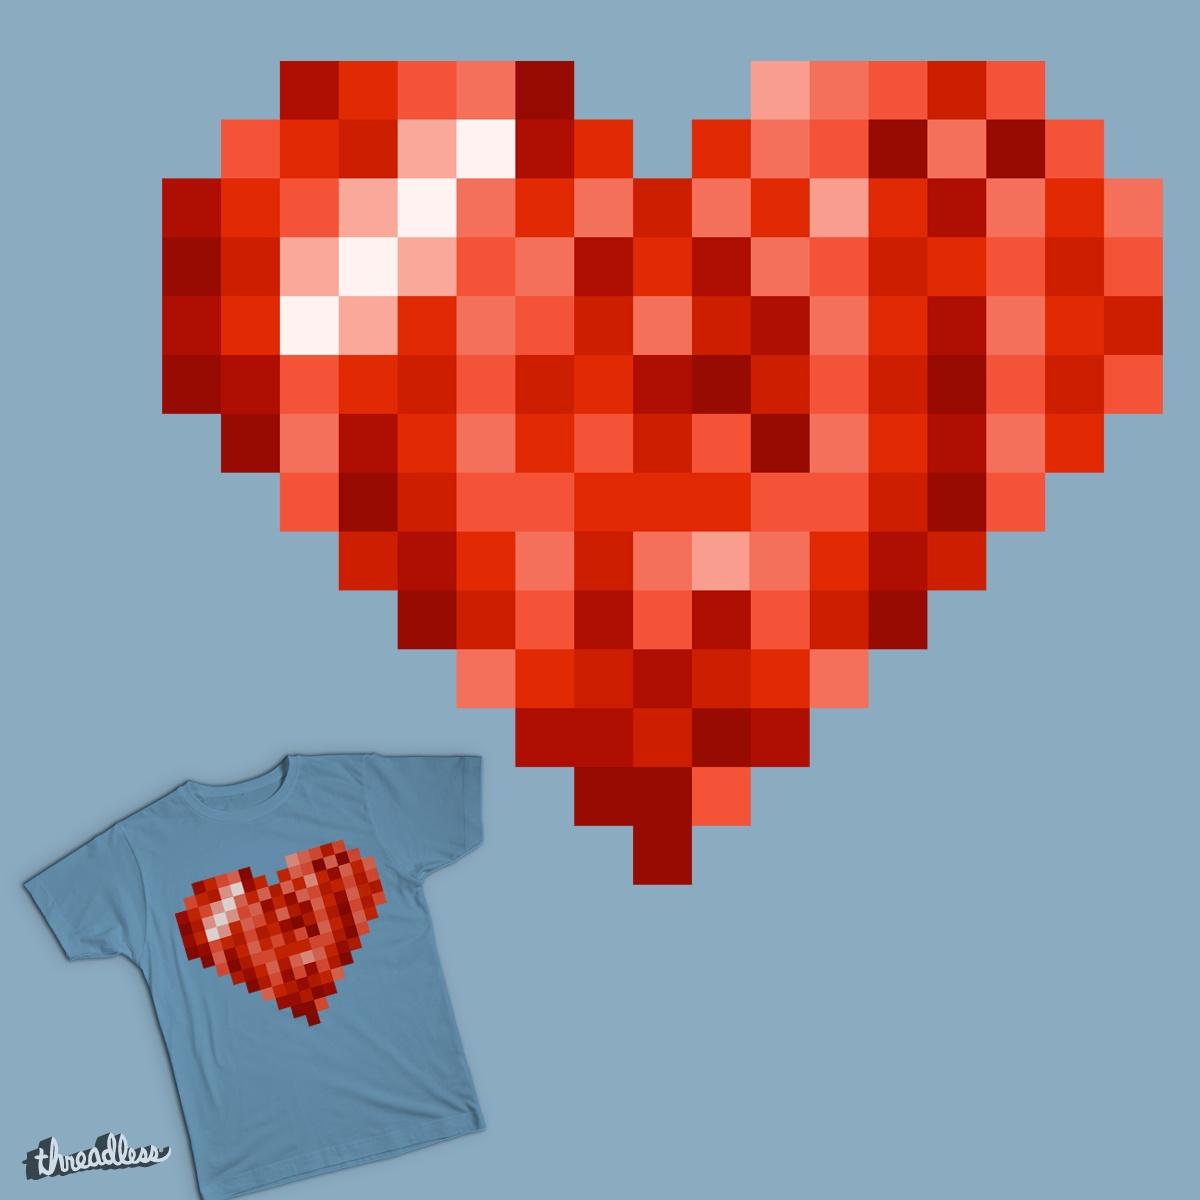 Basic Love by BadPony on Threadless